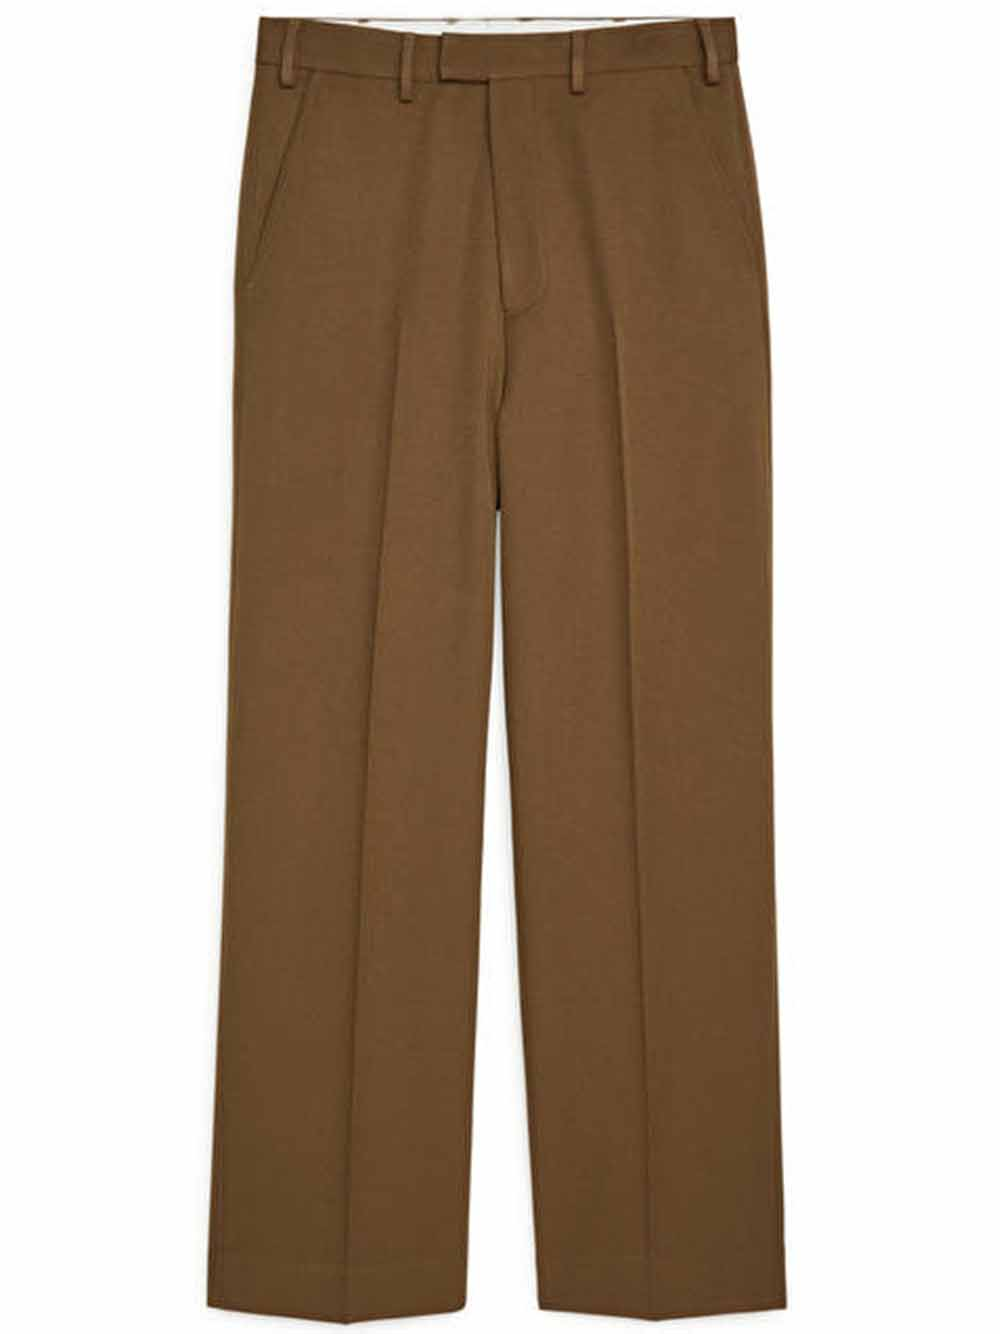 Menswear Essentials: Trend-Teile für den Frühling - Trousers in neutral tones